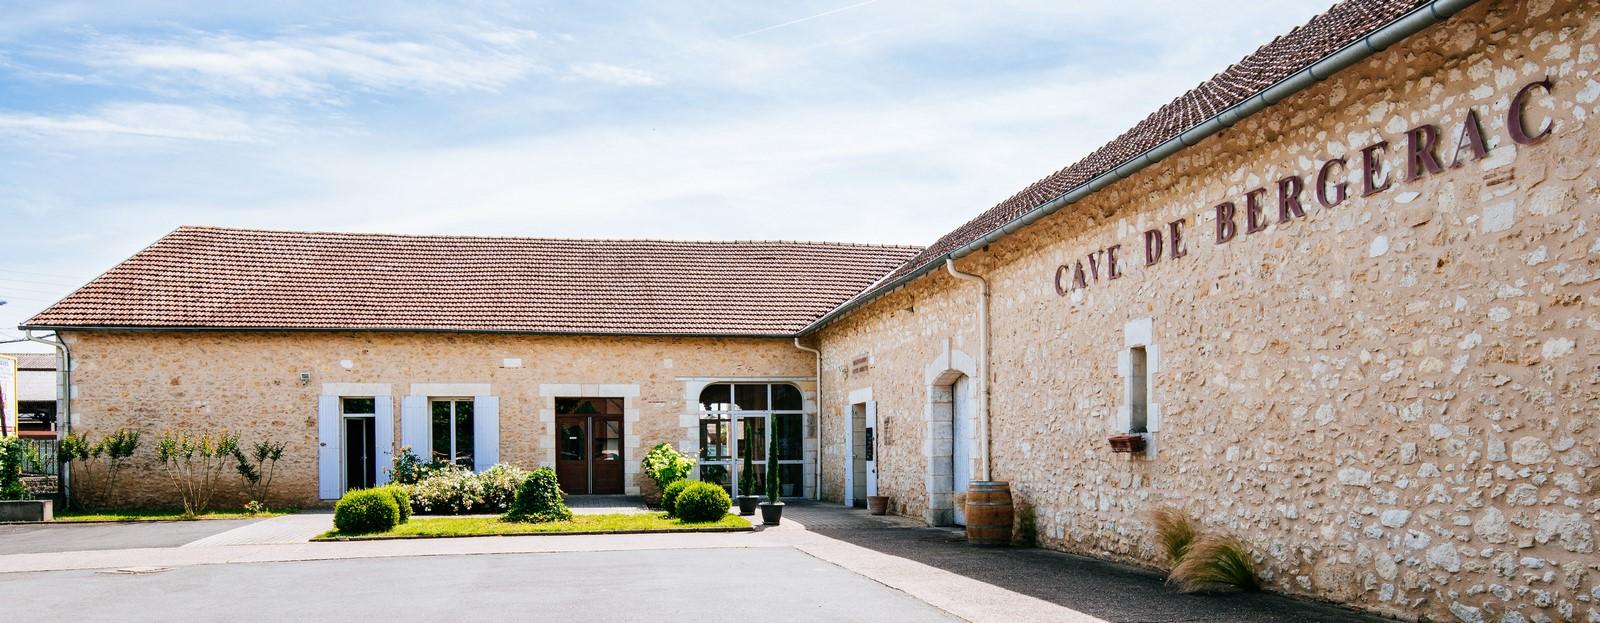 Magasin de vin Bergerac